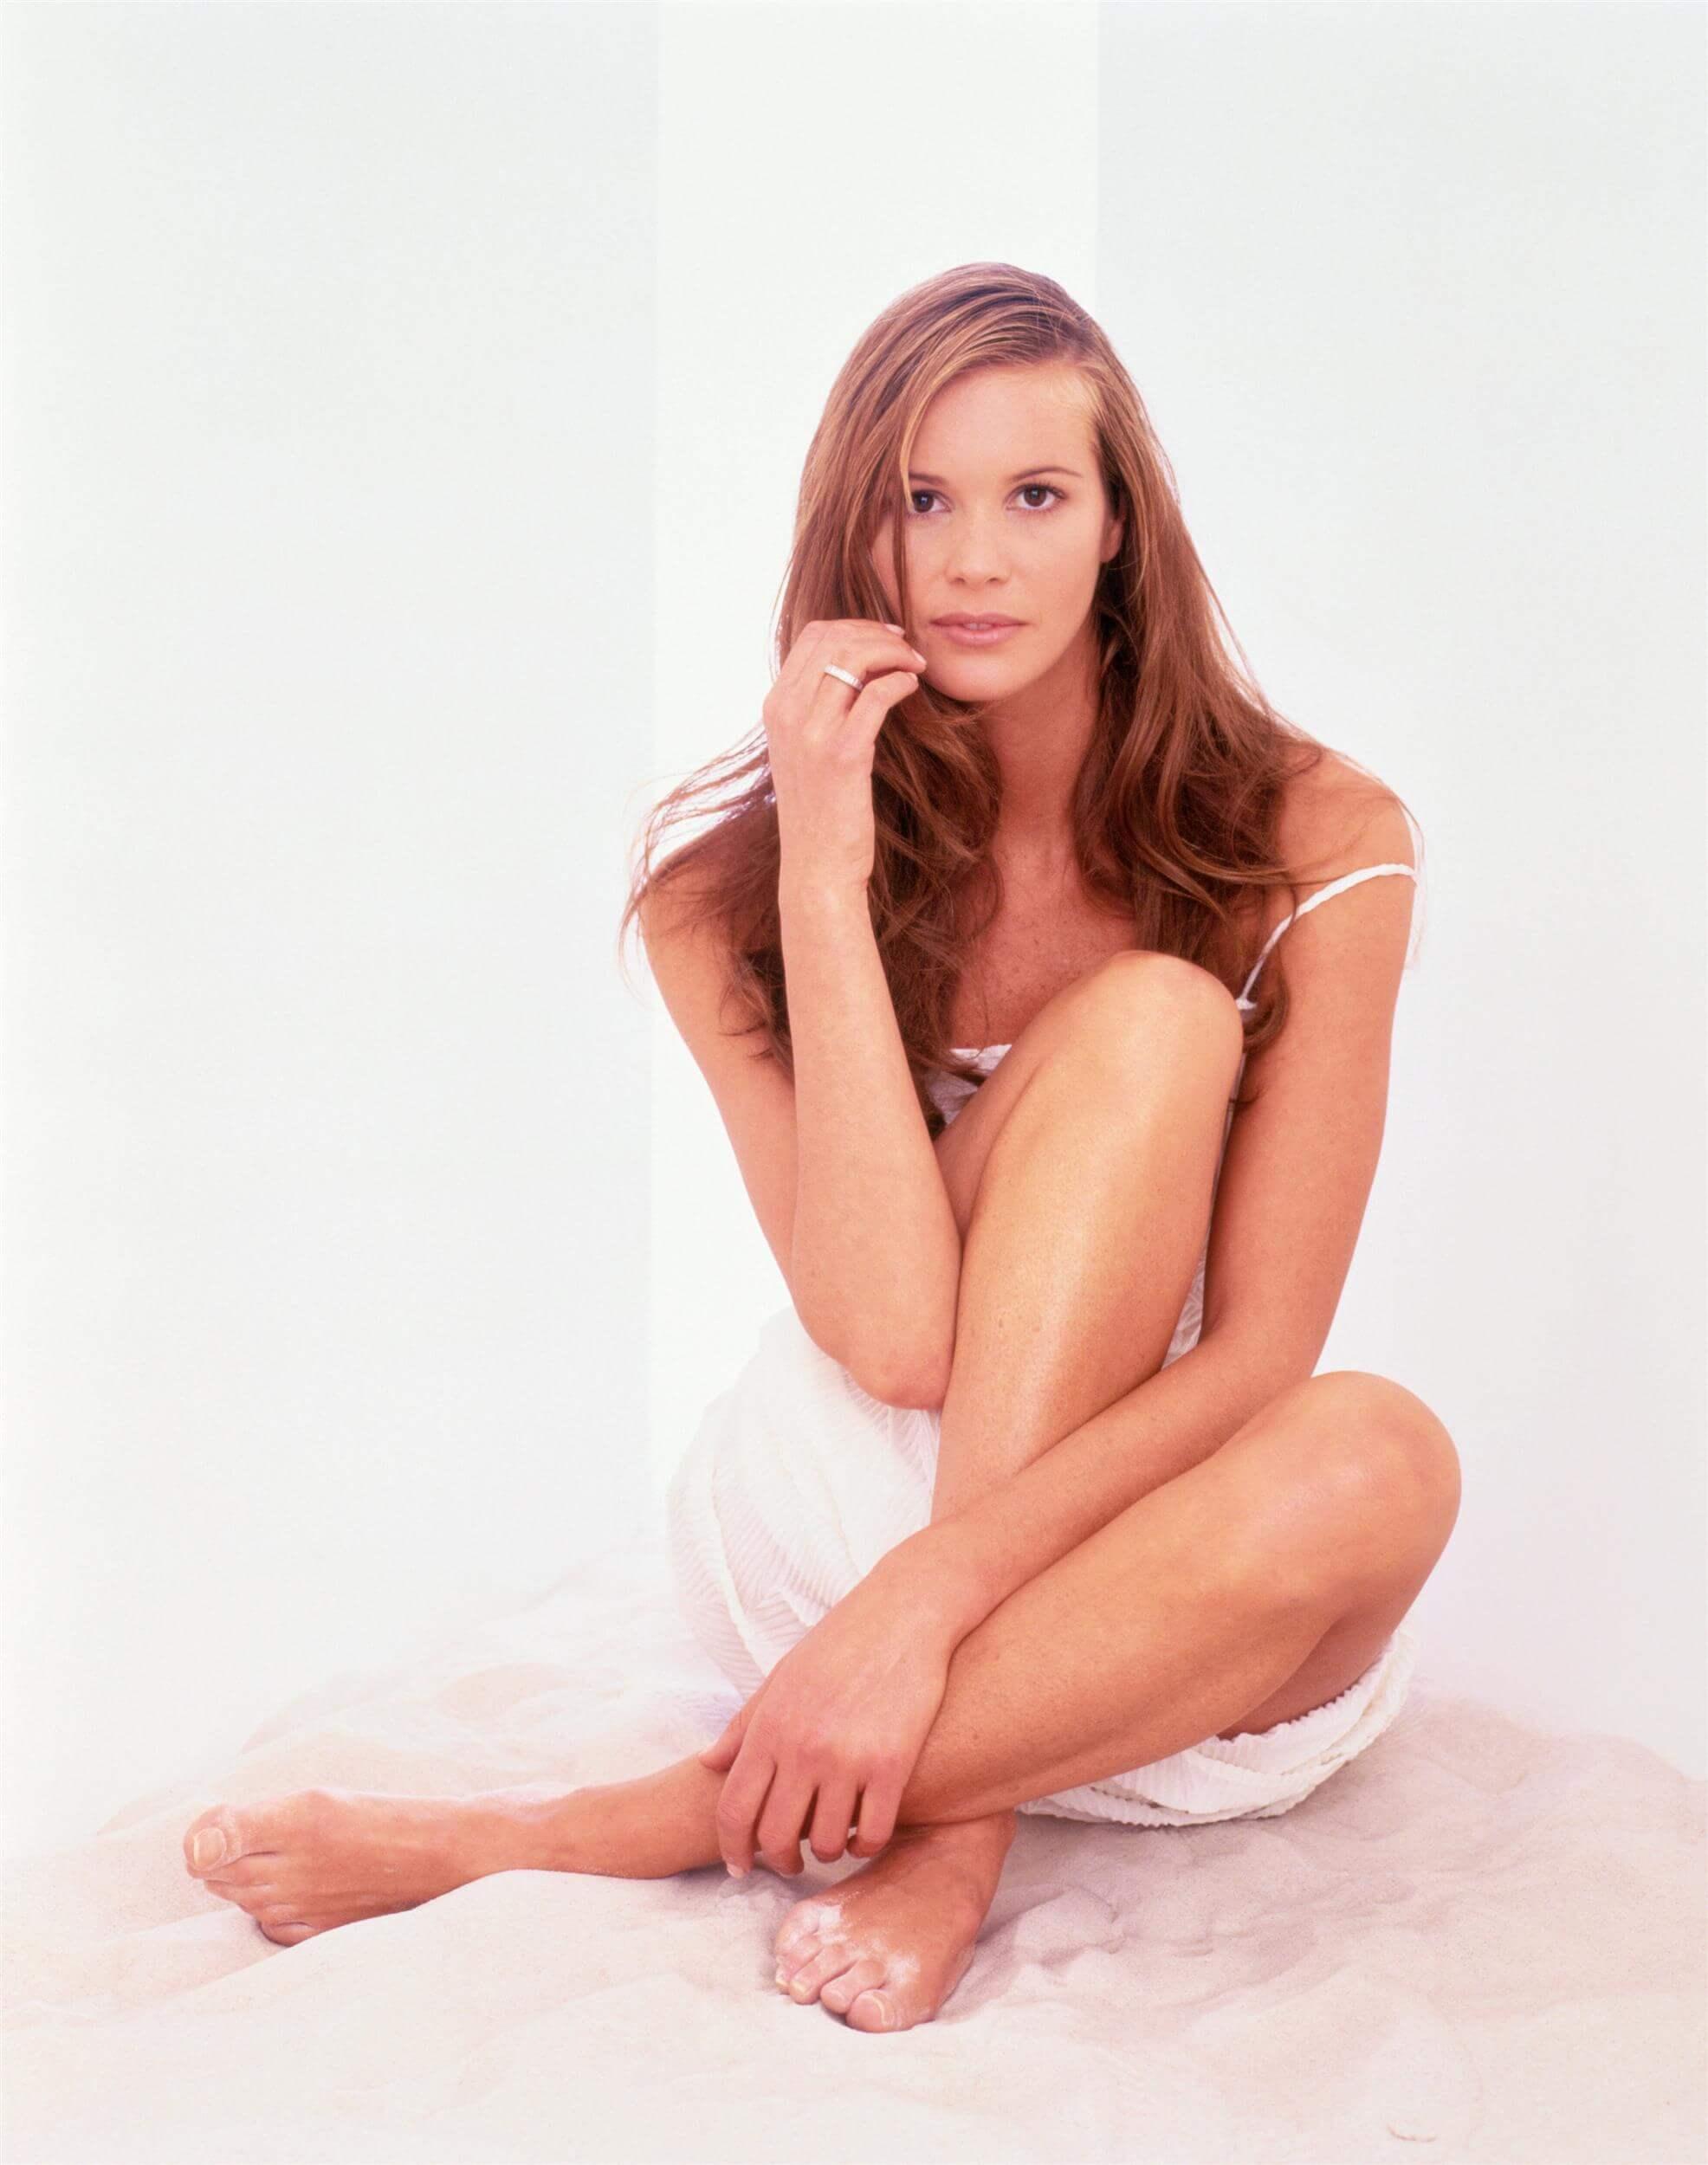 Elle Macpherson lovely